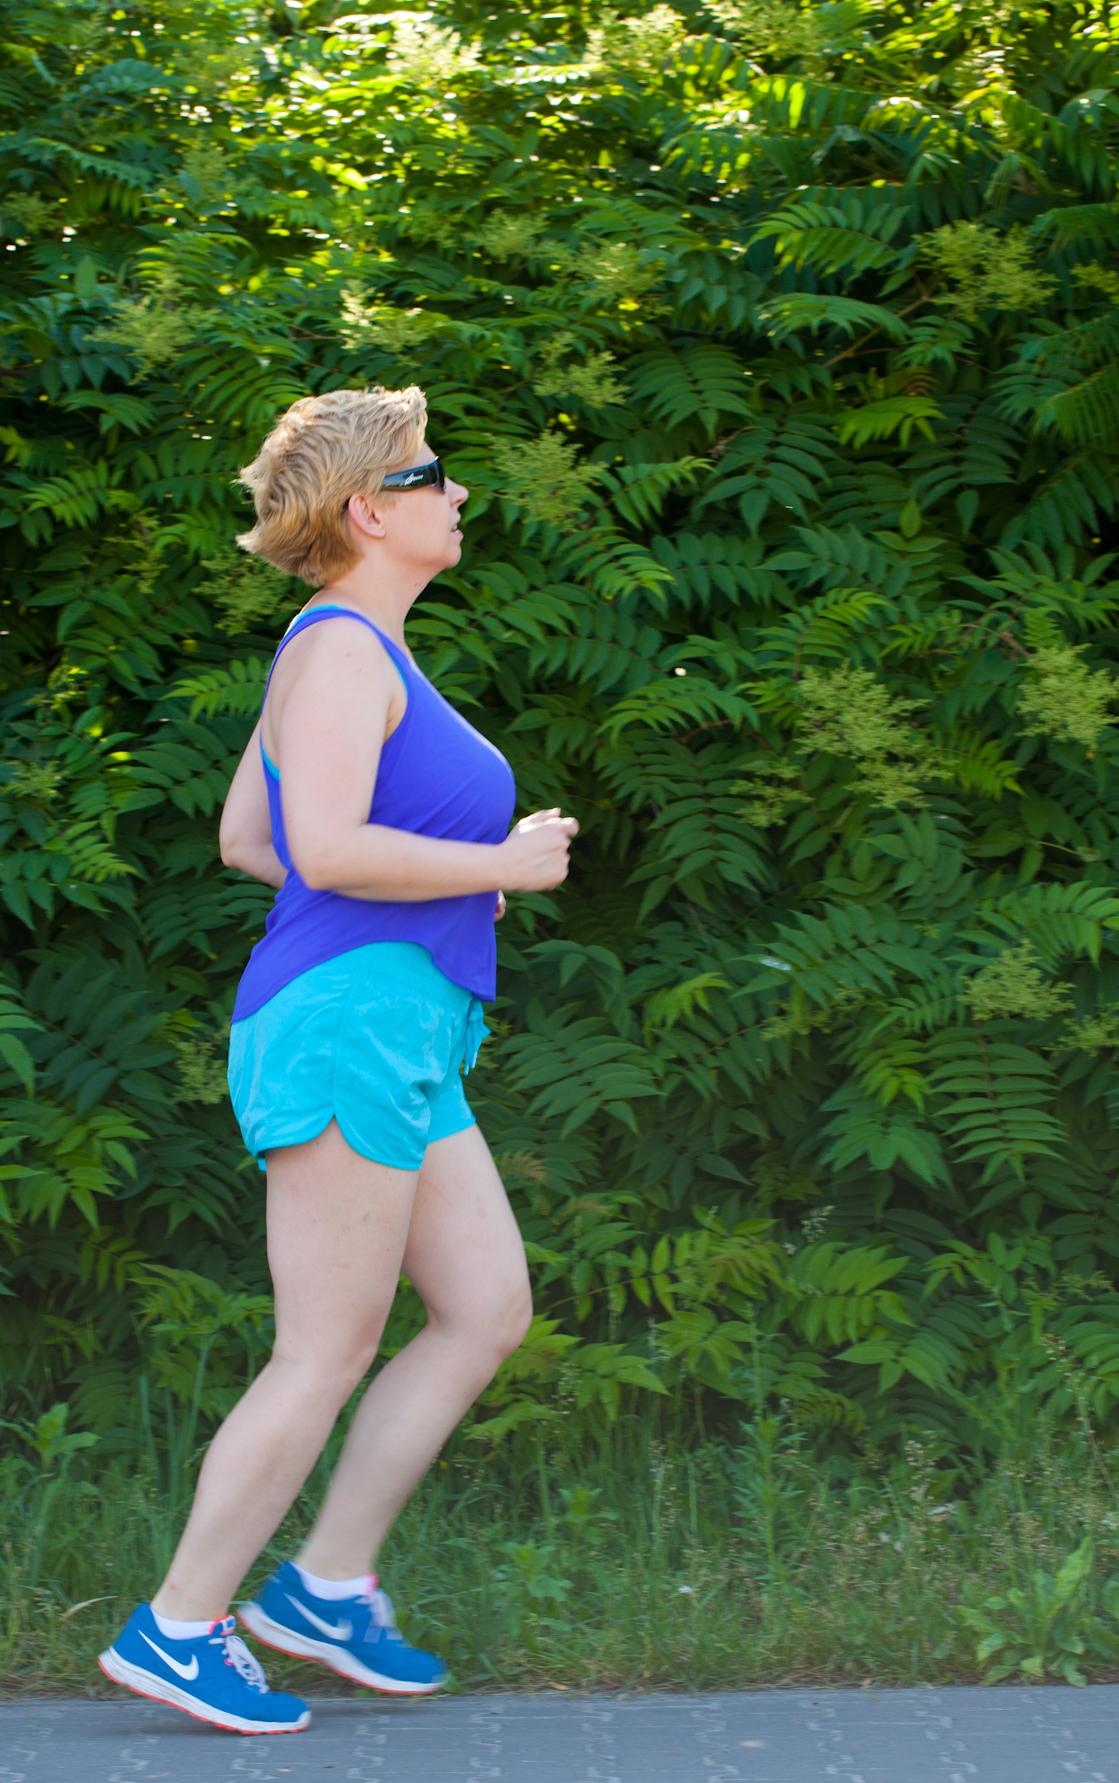 Moje chudnięcie odcinek 2, czyli dlaczego nie cierpię biegania i co to jest ten slow jogging?